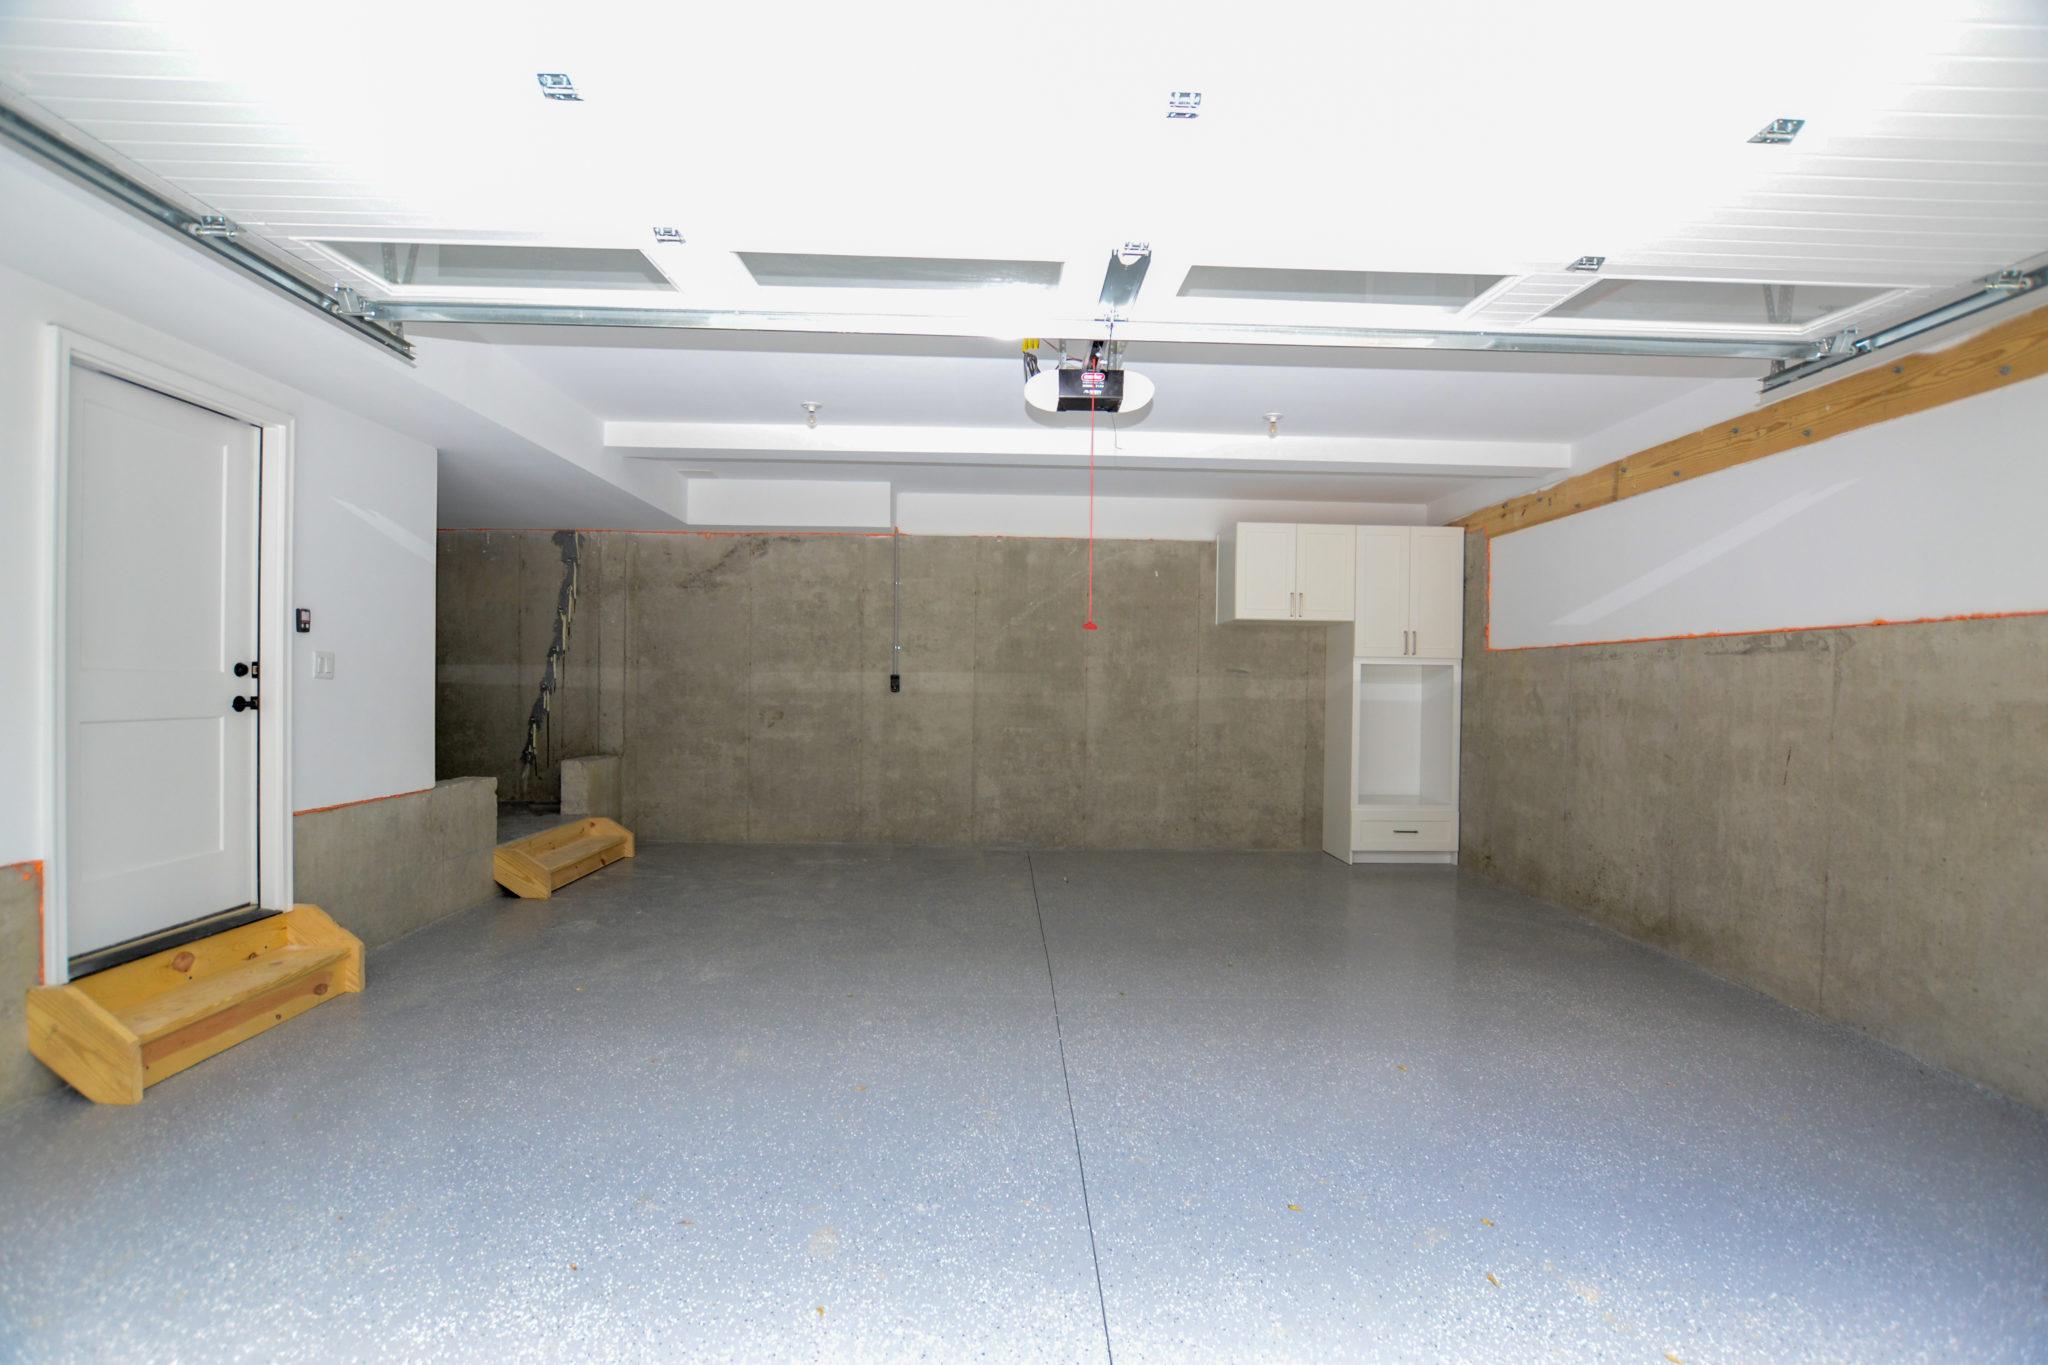 50 Garage (2)